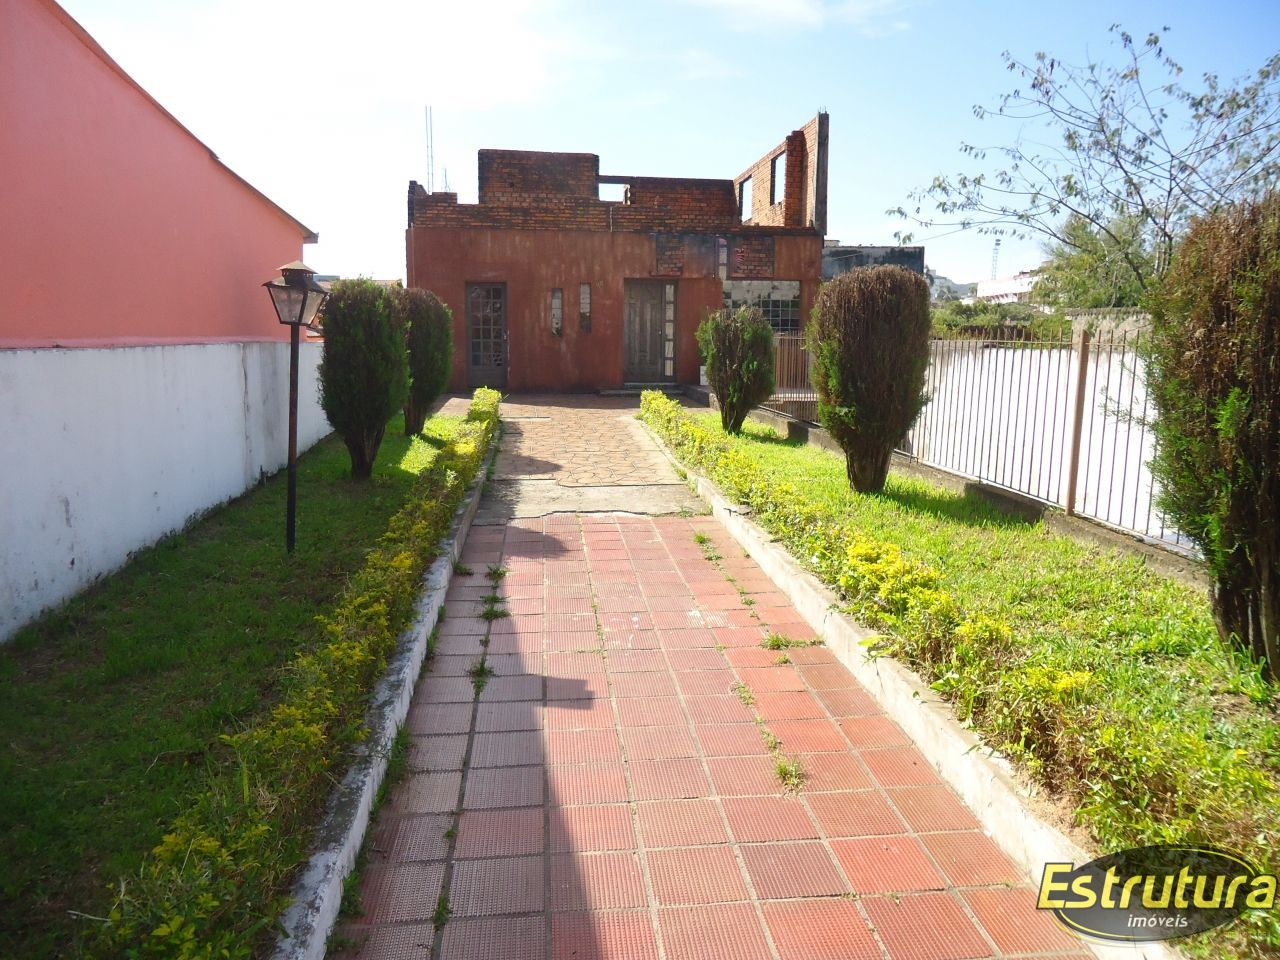 Imóvel comercial à venda, 320 m² por R$ 398.000,00